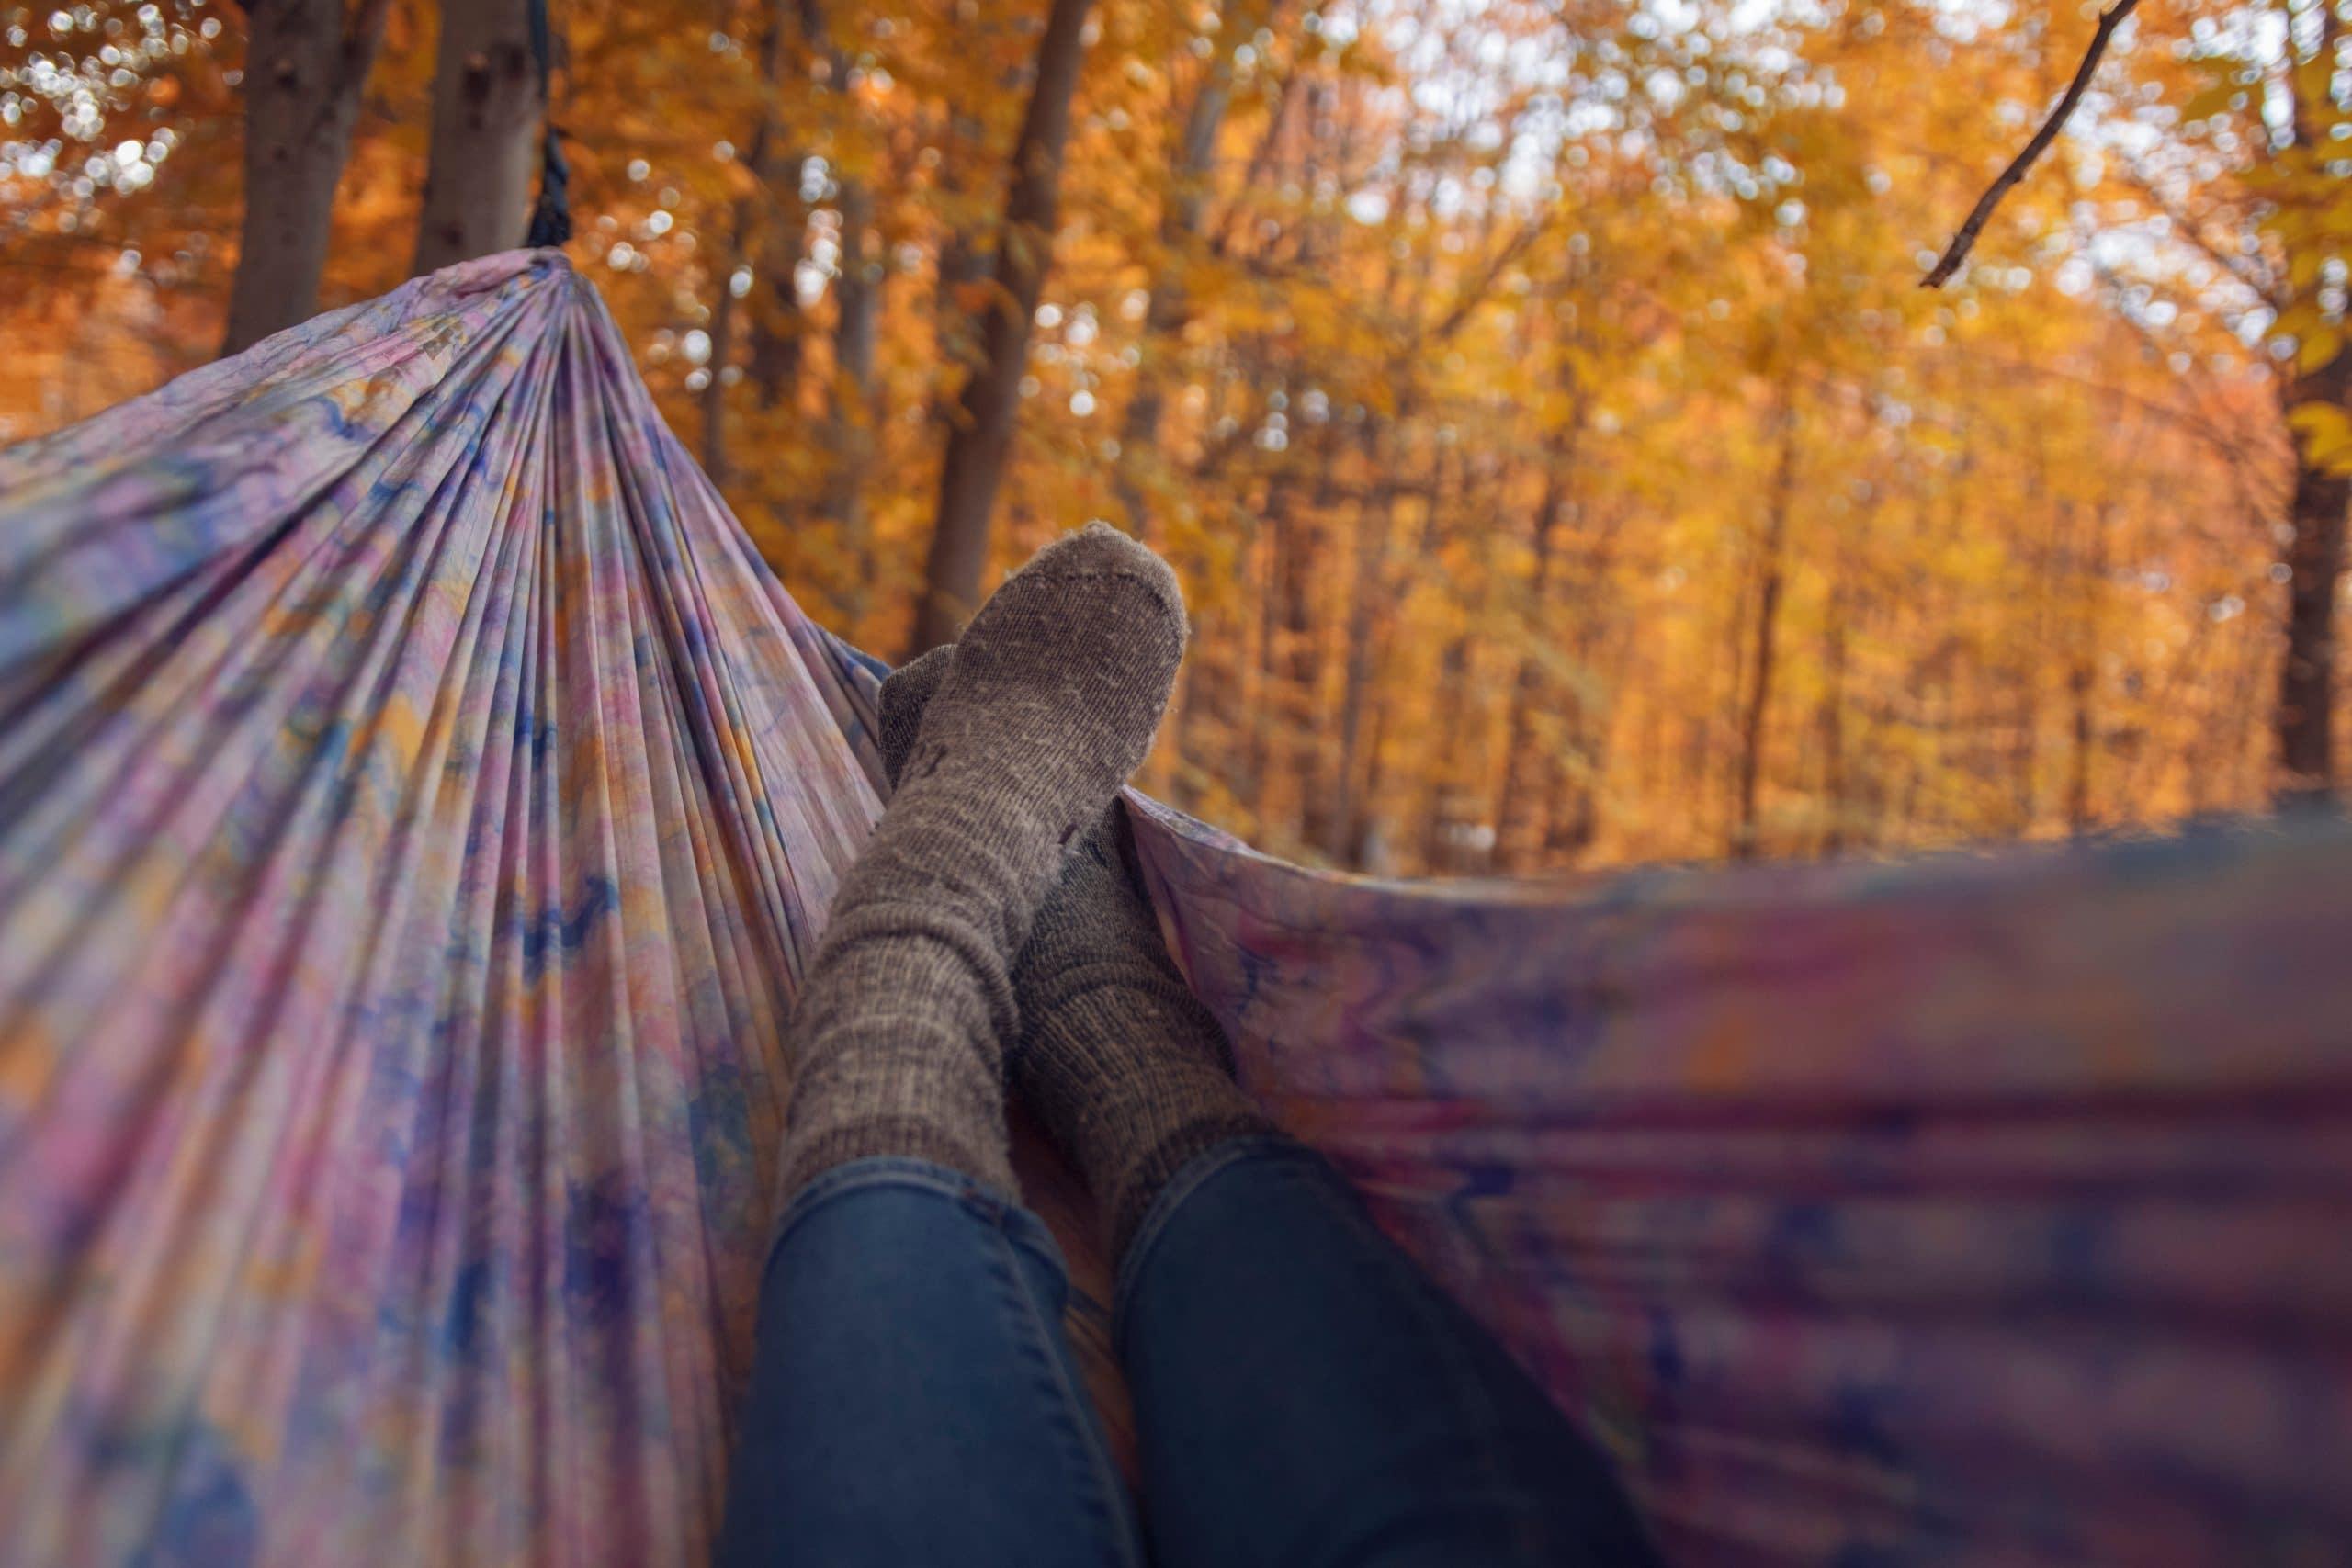 Pessoa relaxando na rede em floresta.